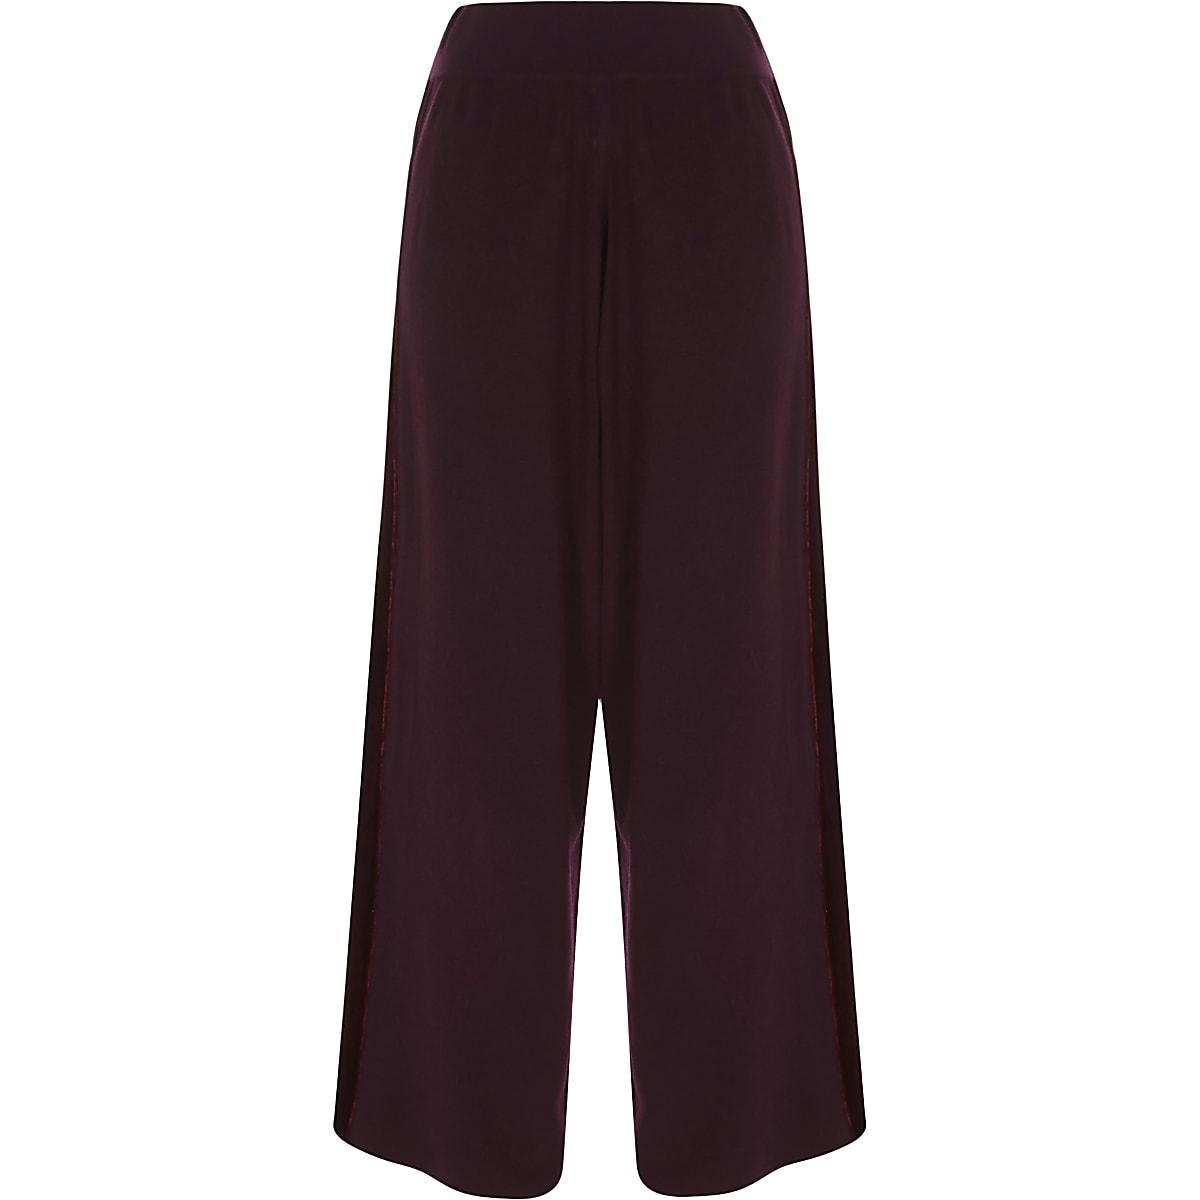 Burgundy wide leg velvet panel knit pants